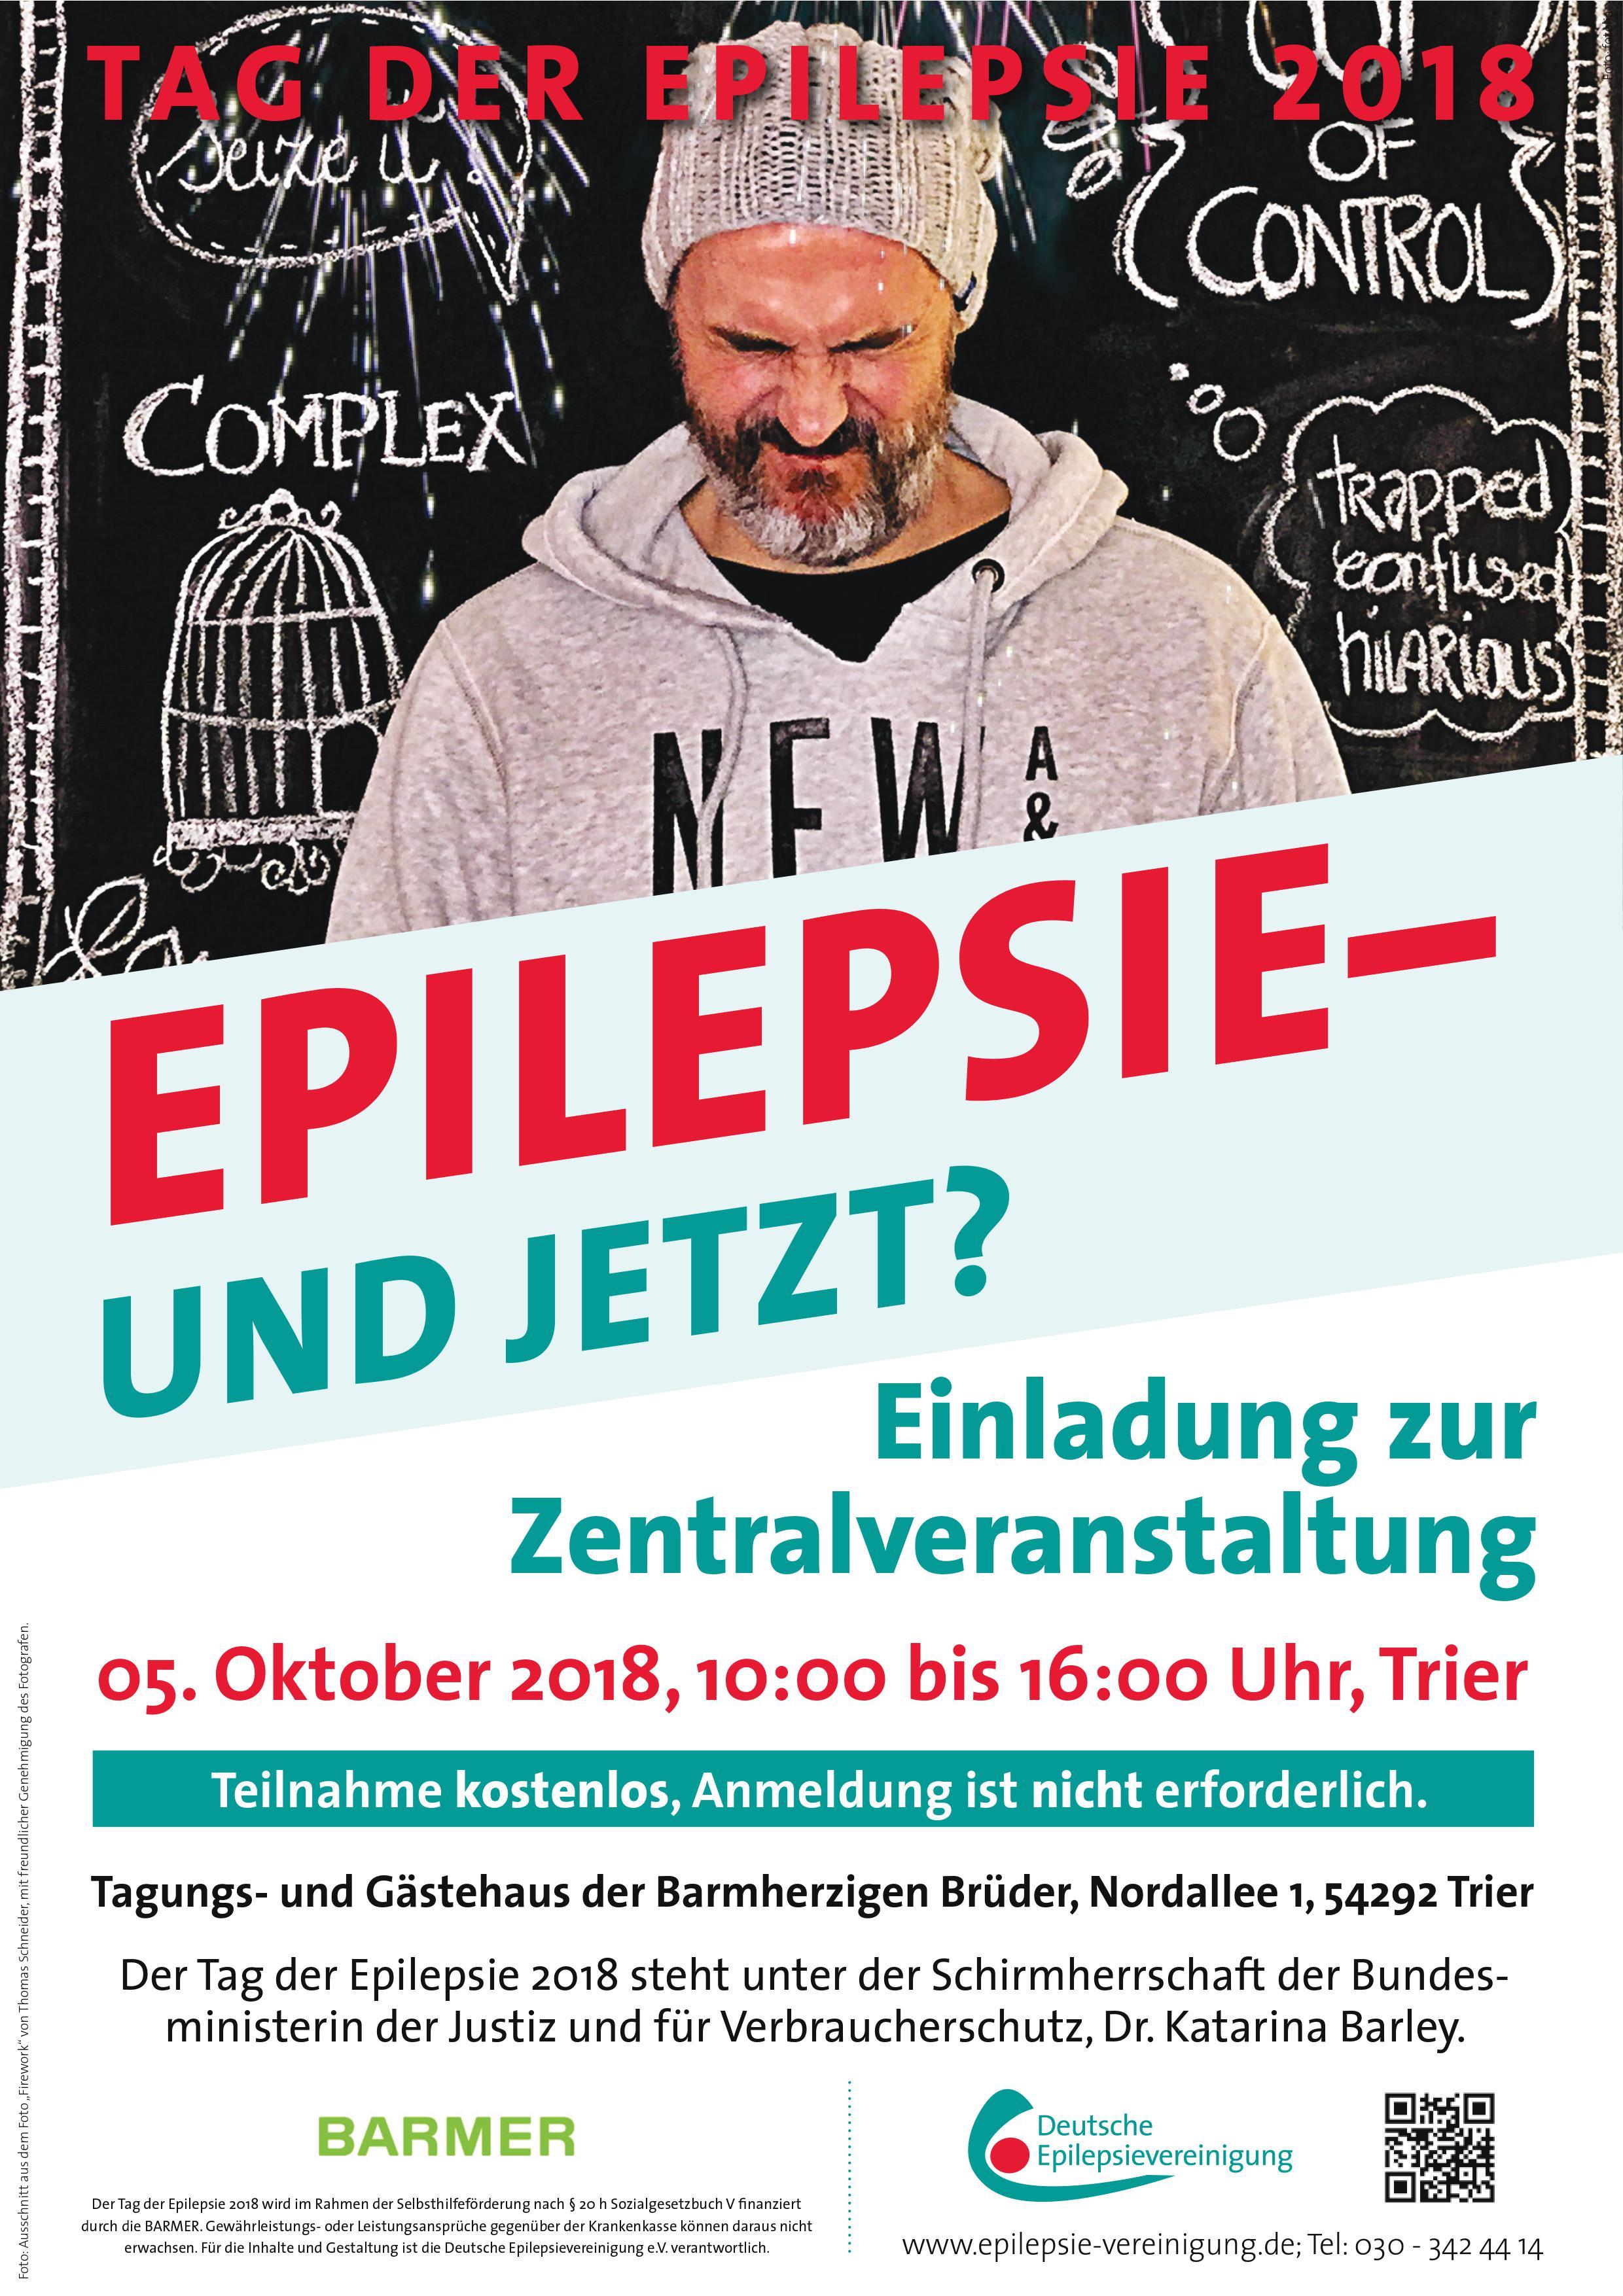 Tag Der Epilepsie 2018